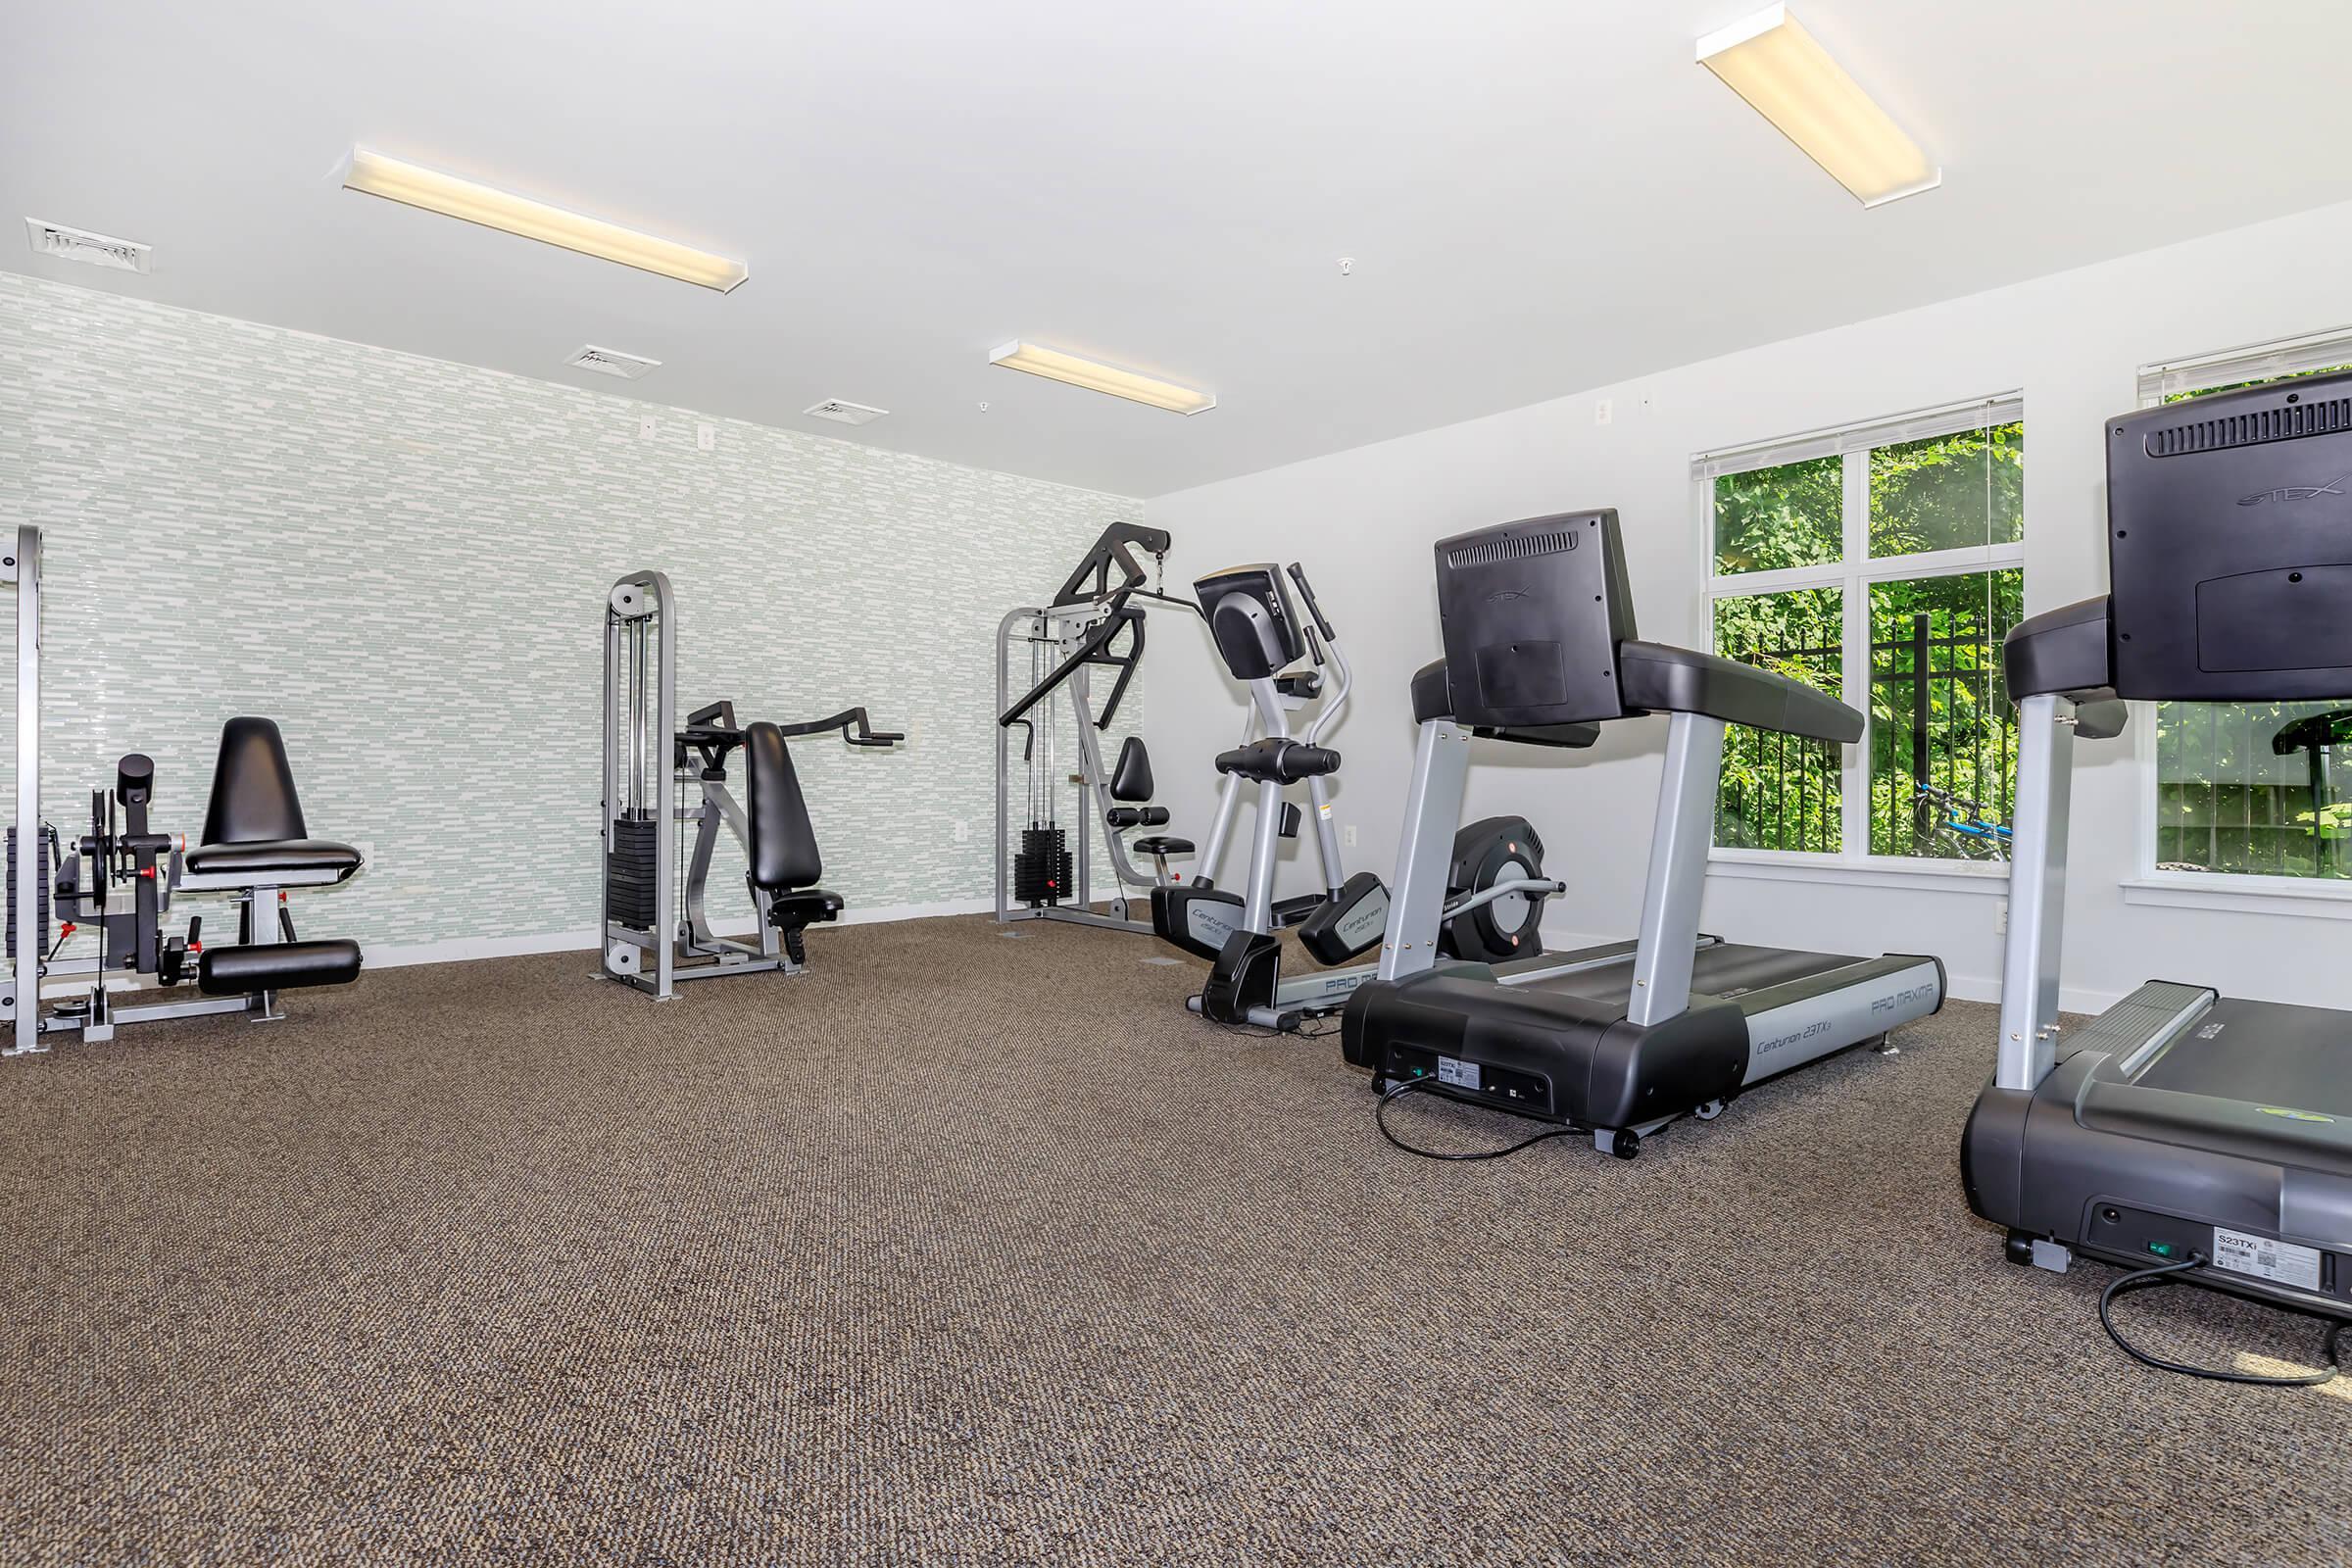 Fitness Center at C Street Flatsin Laurel MD